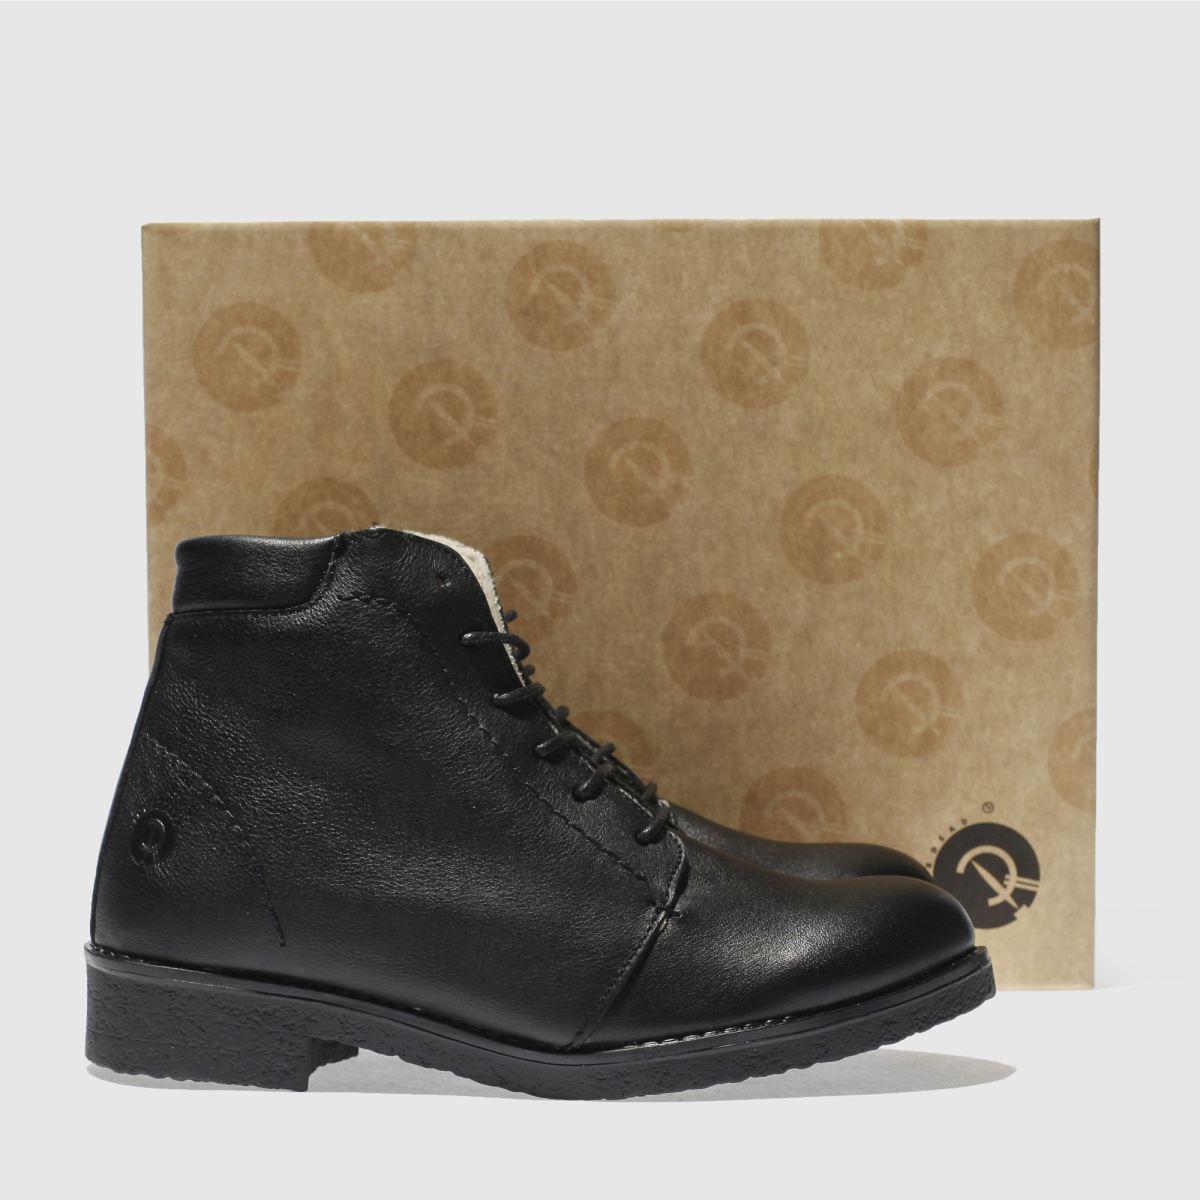 Damen Schwarz red or dead Gute Buck Boots | schuh Gute dead Qualität beliebte Schuhe 29426e